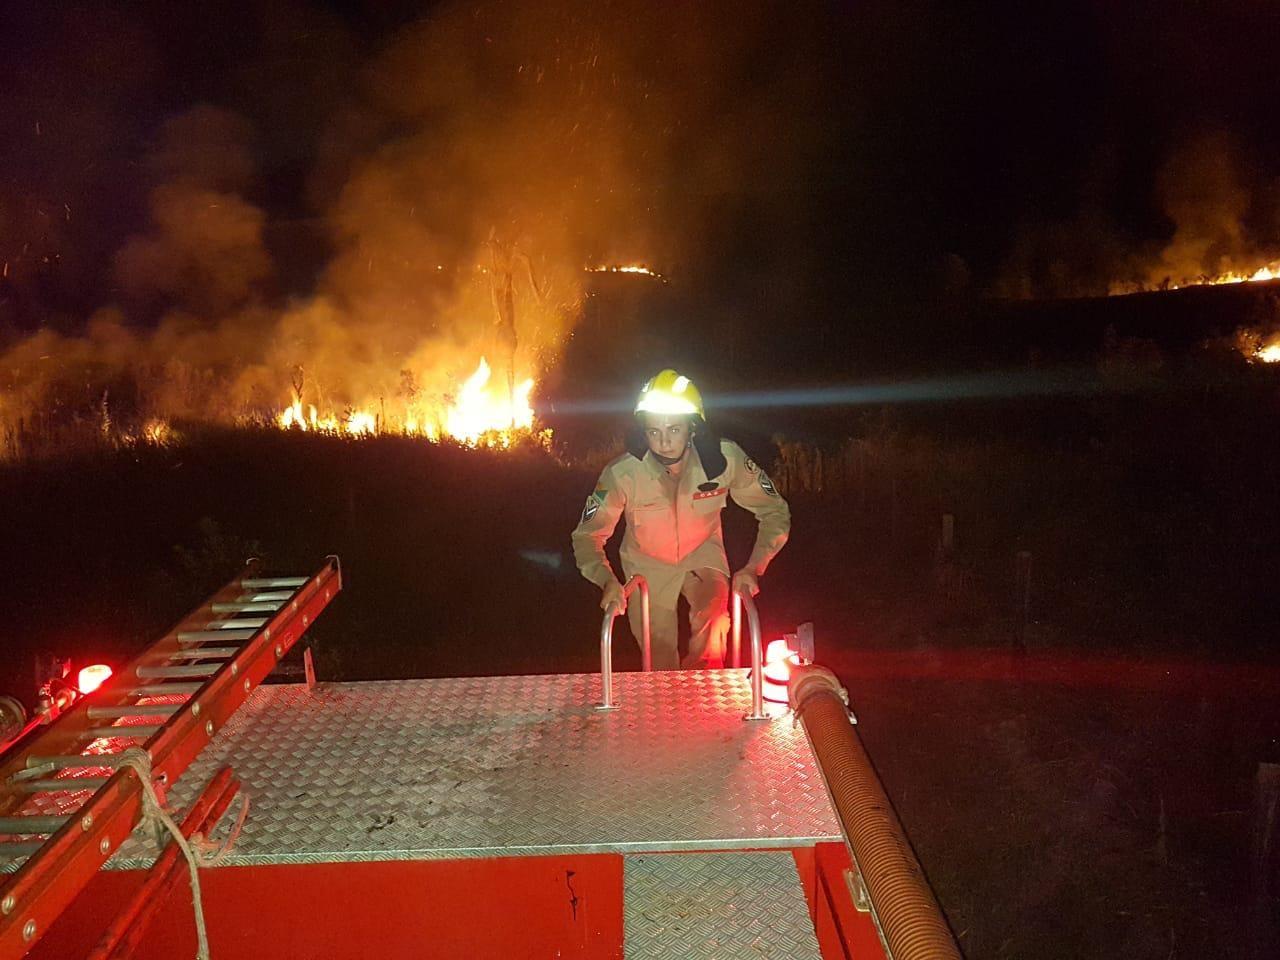 Incêndio destrói sete hectares de pastagem no interior do Acre